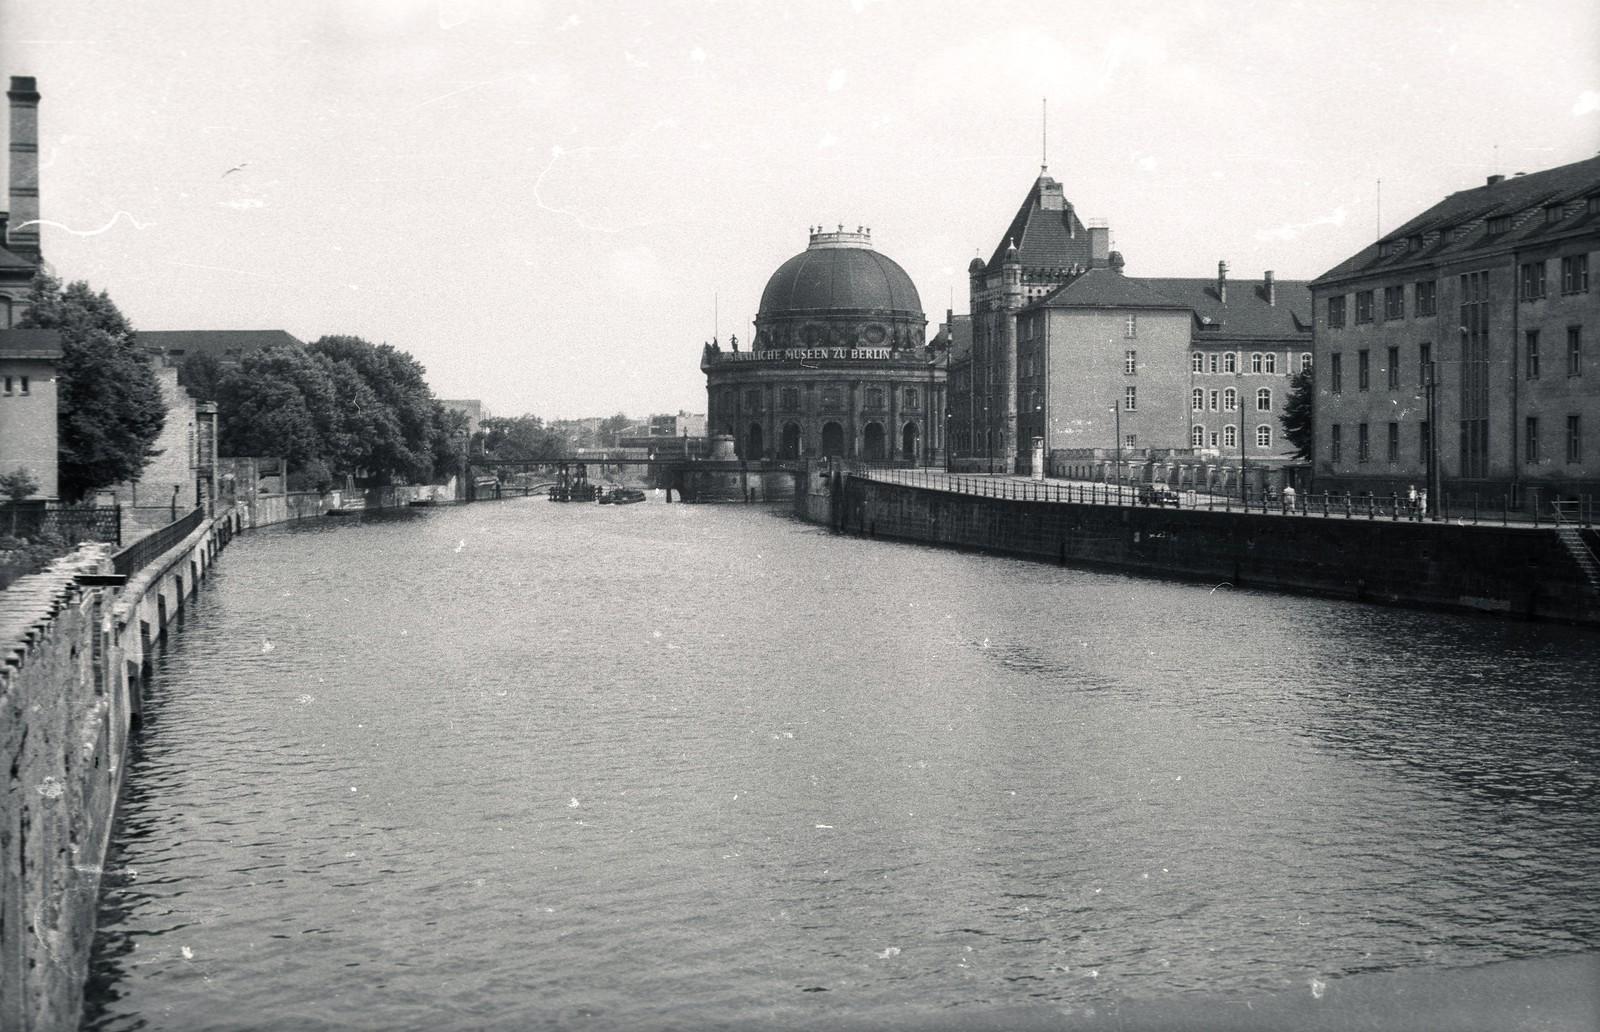 15. 1957. Восточный Берлин. Река Шпрее, вид со стороны Вайдендаммер брюкке. Напротив северной оконечности Музейного острова находится музей Боде